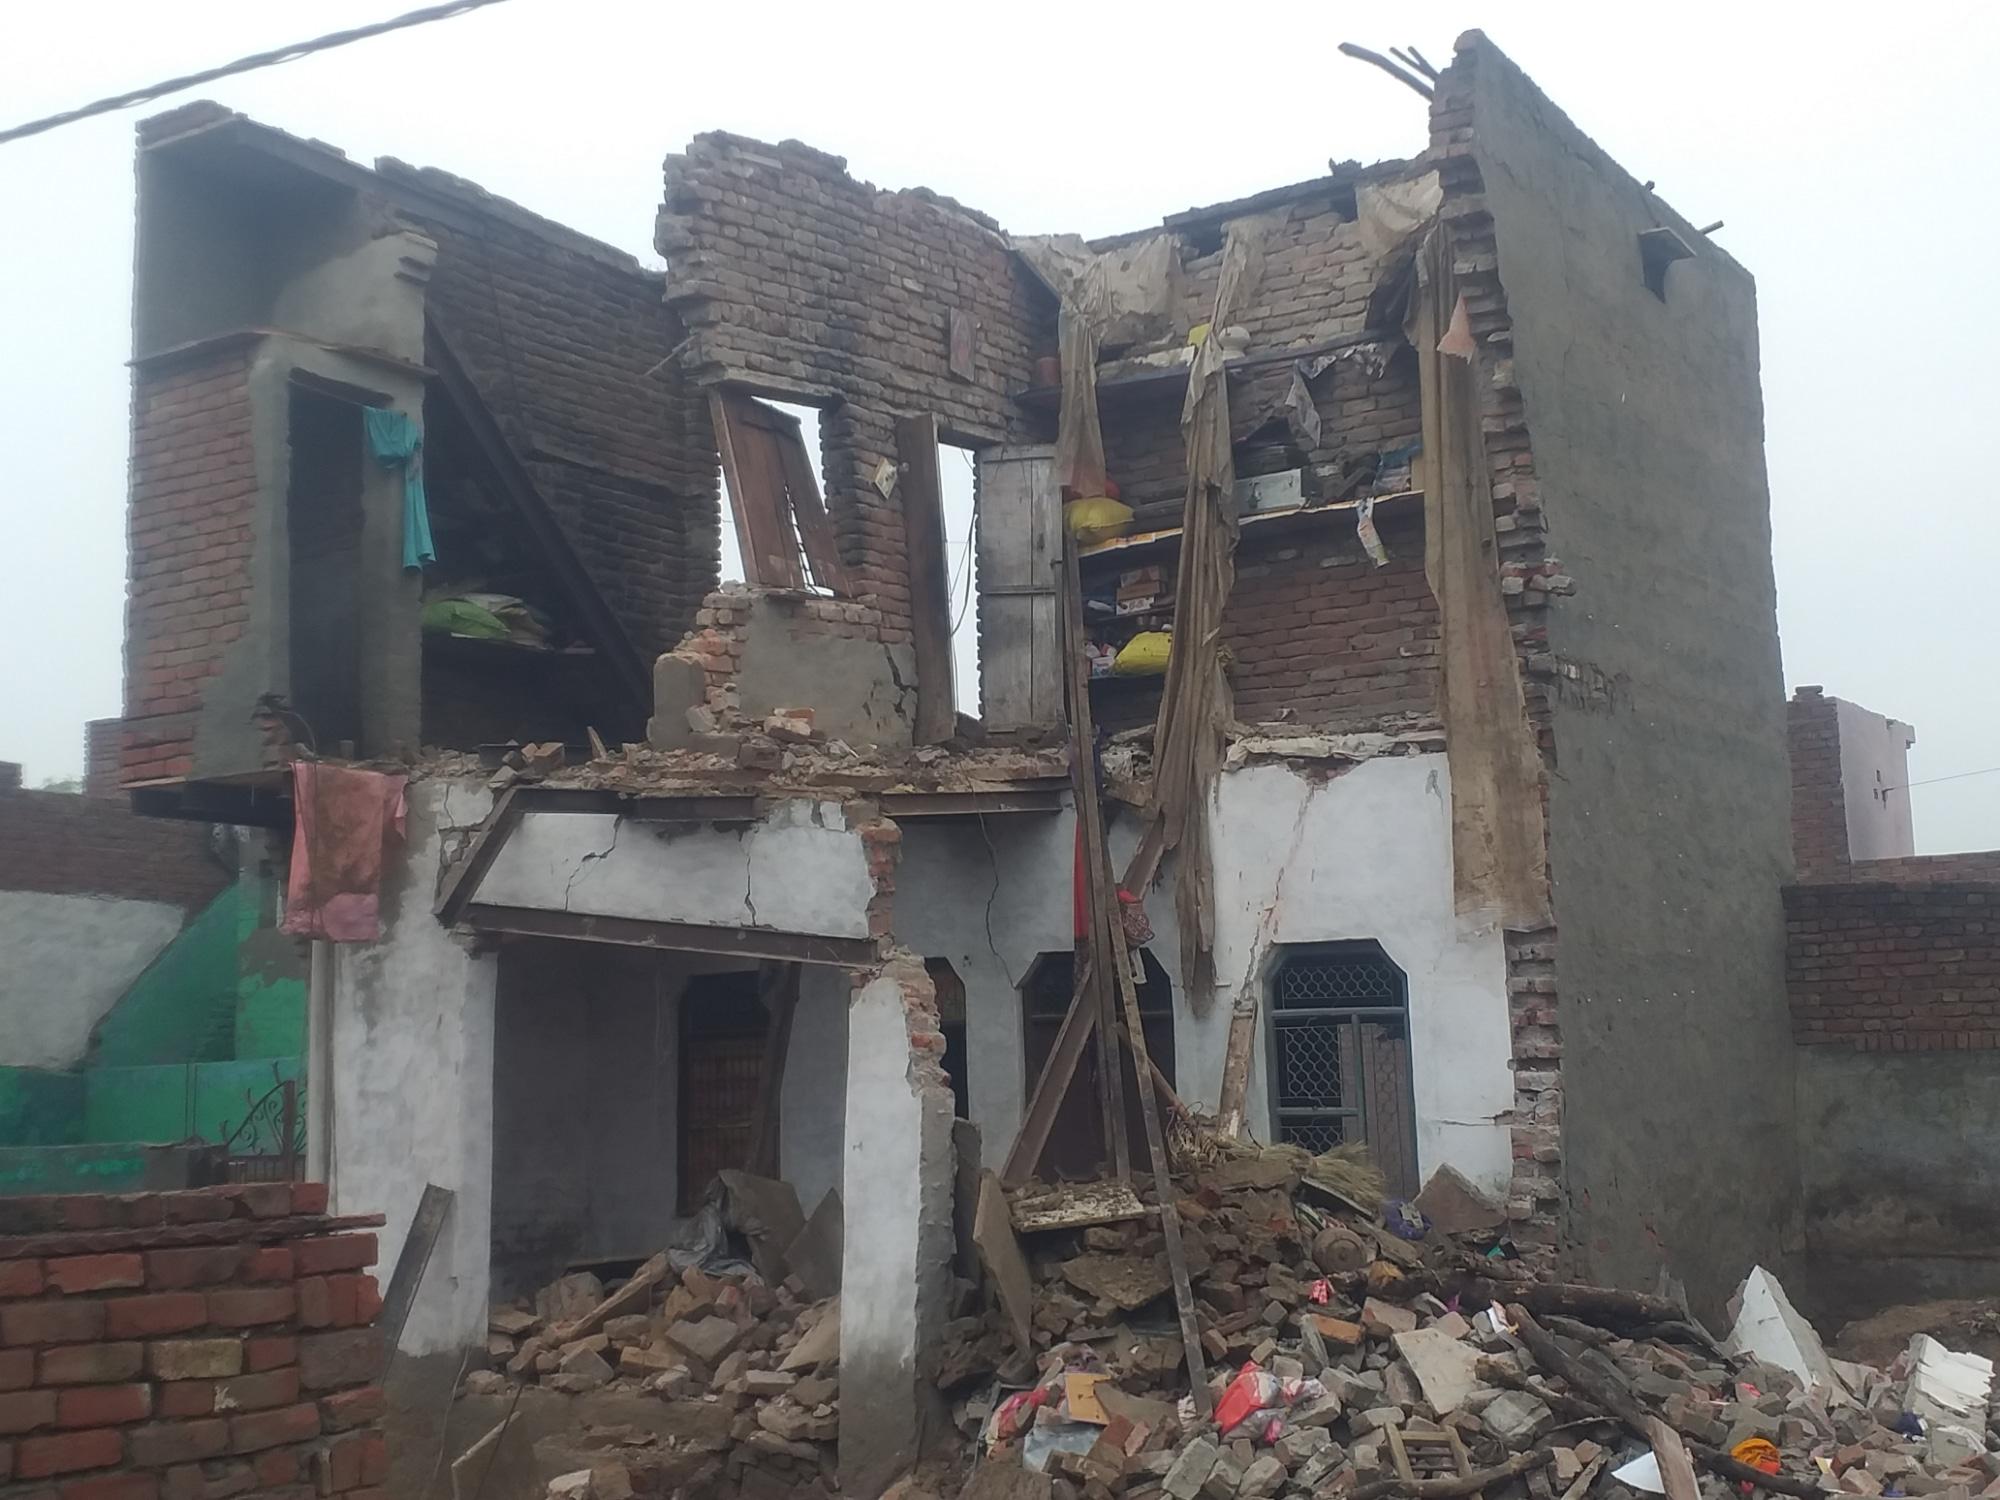 धर्मवीर ने बताया कि घर का सभी जरूरी सामान मकान के मलबे में दबकर खराब हो गया है। - Dainik Bhaskar